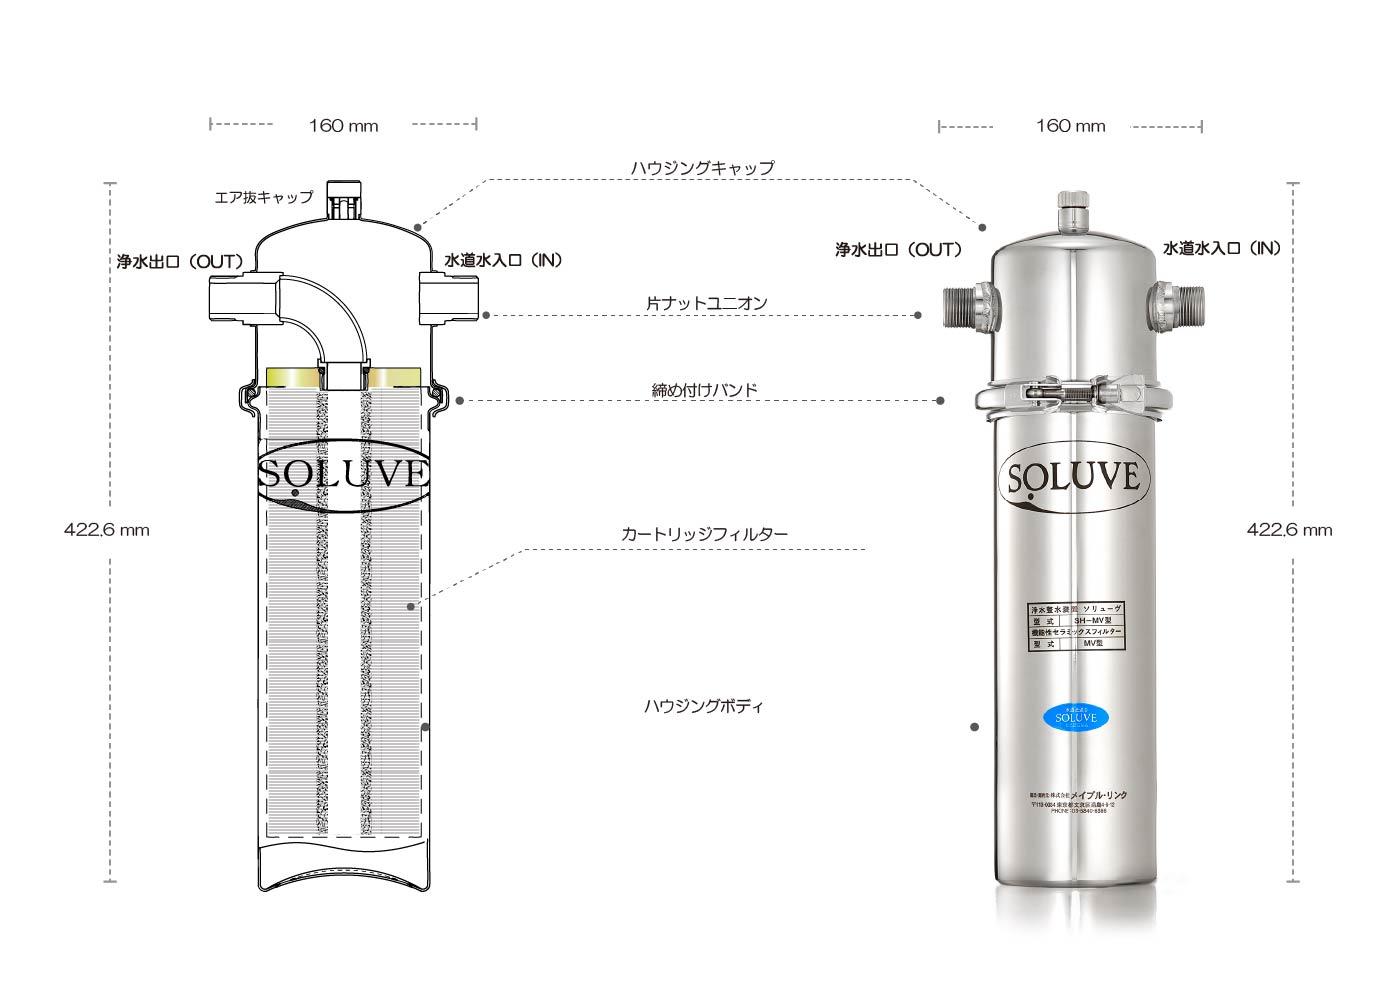 『ソリューヴ(SOLUVE)』SH-MV型の画像